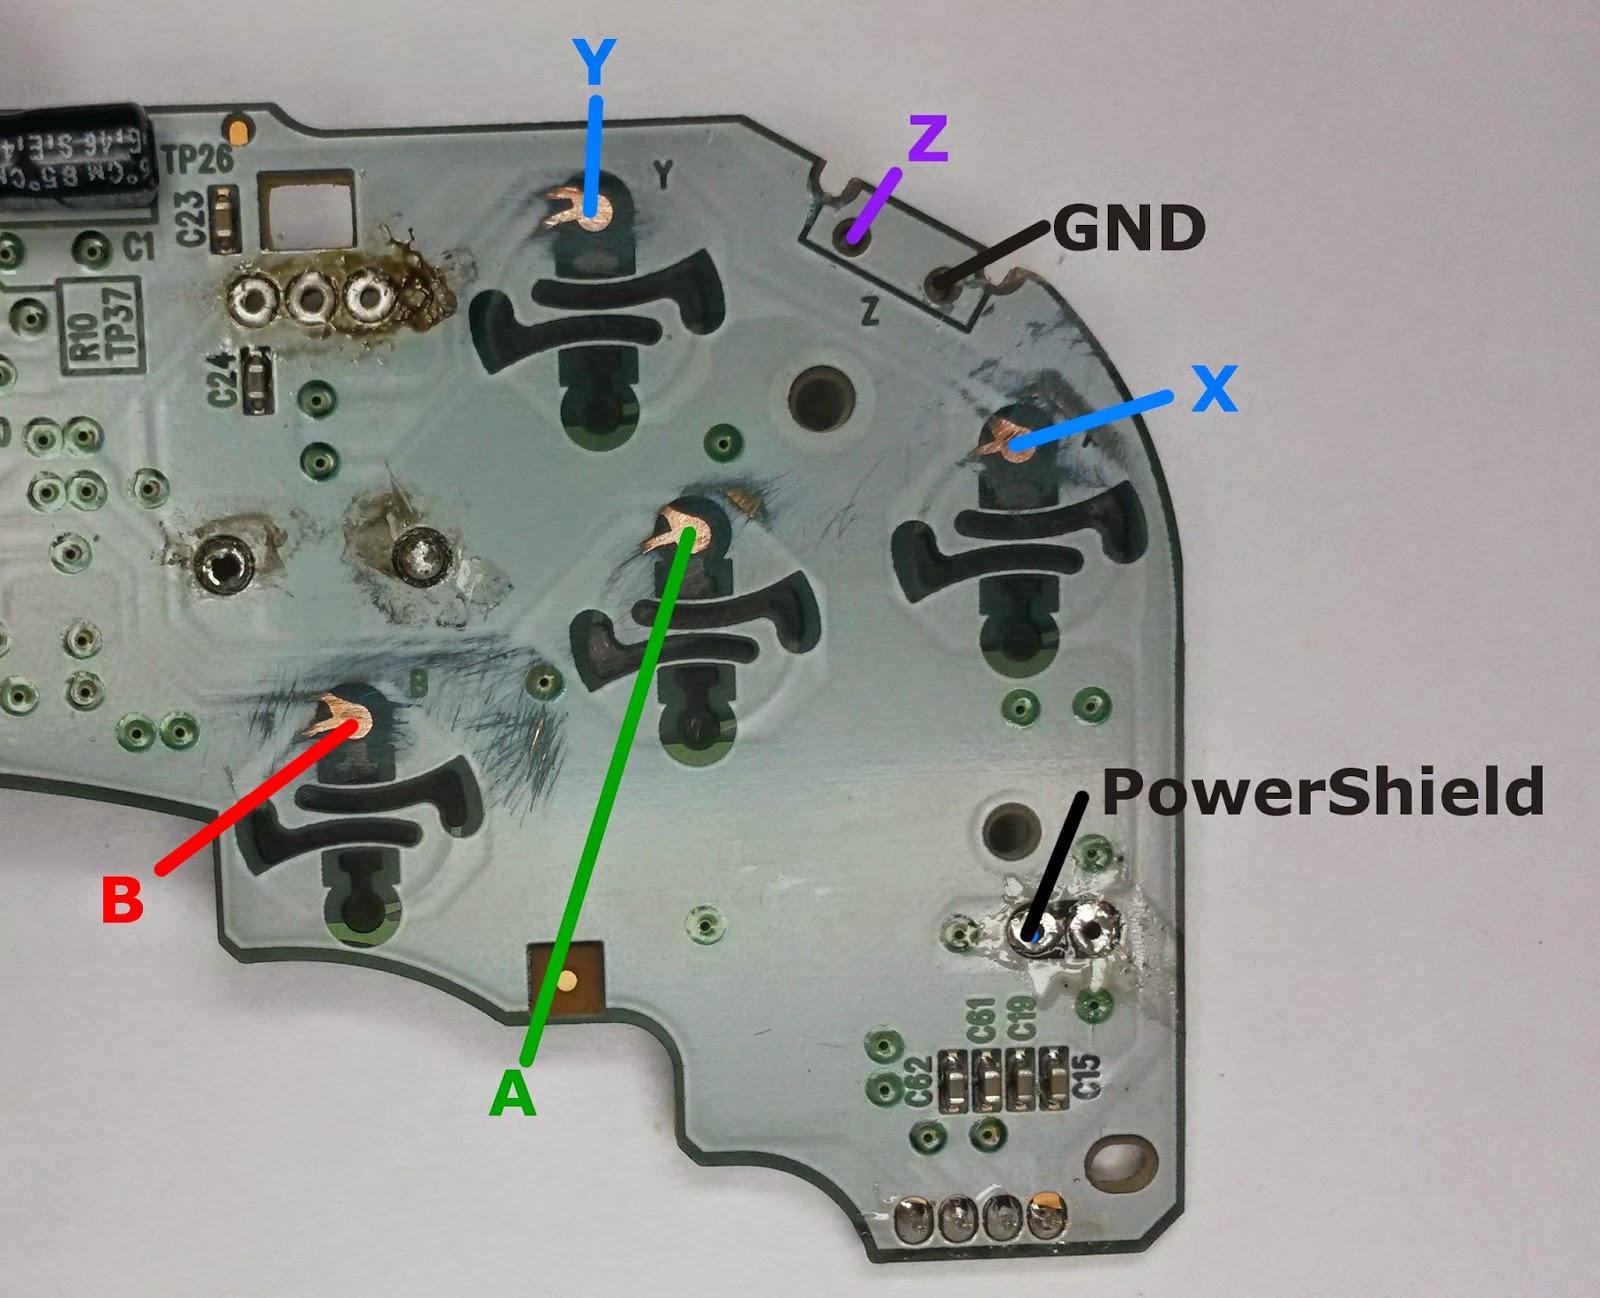 gamecube controller wiring diagram right stick simple wiring schema gamecube roms gamecube controller wiring diagram right stick [ 1600 x 1298 Pixel ]